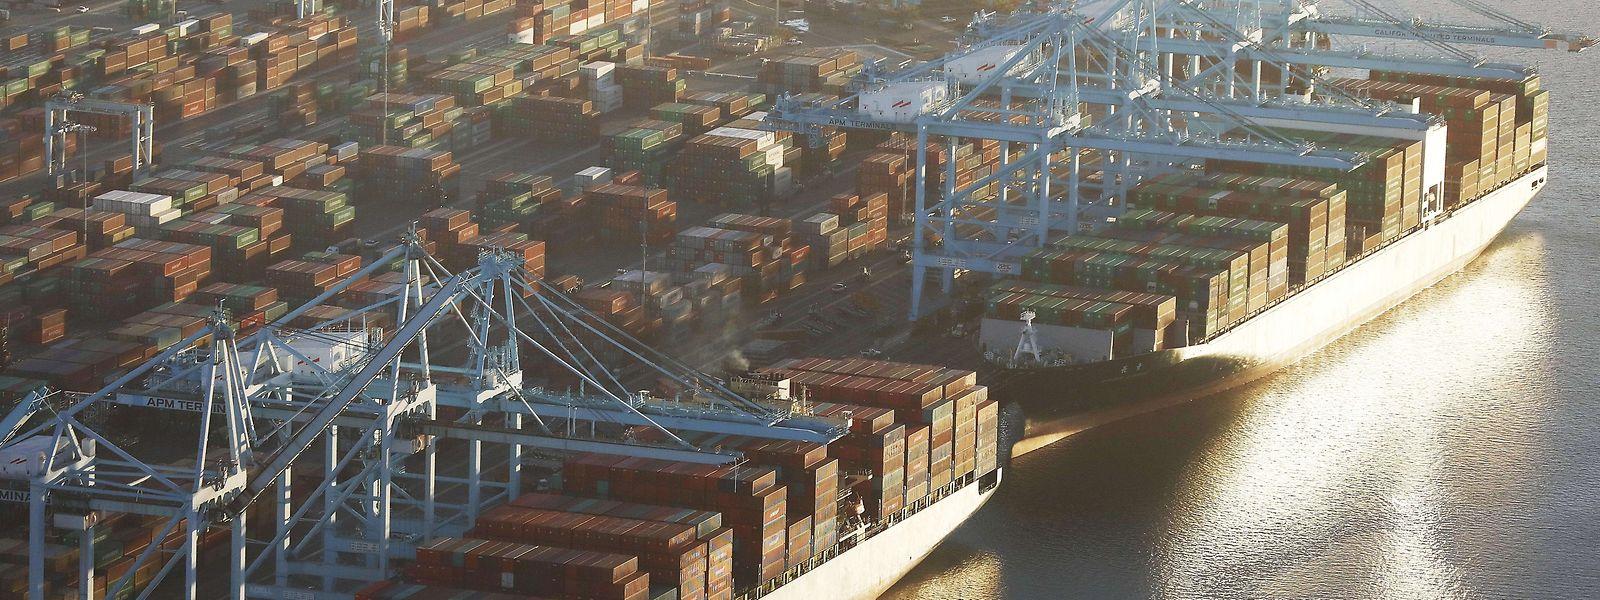 Containerschiffe im Hafen von Los Angeles: Der Handel zwischen den USA und China könnte unter den Maßnahmen leiden.